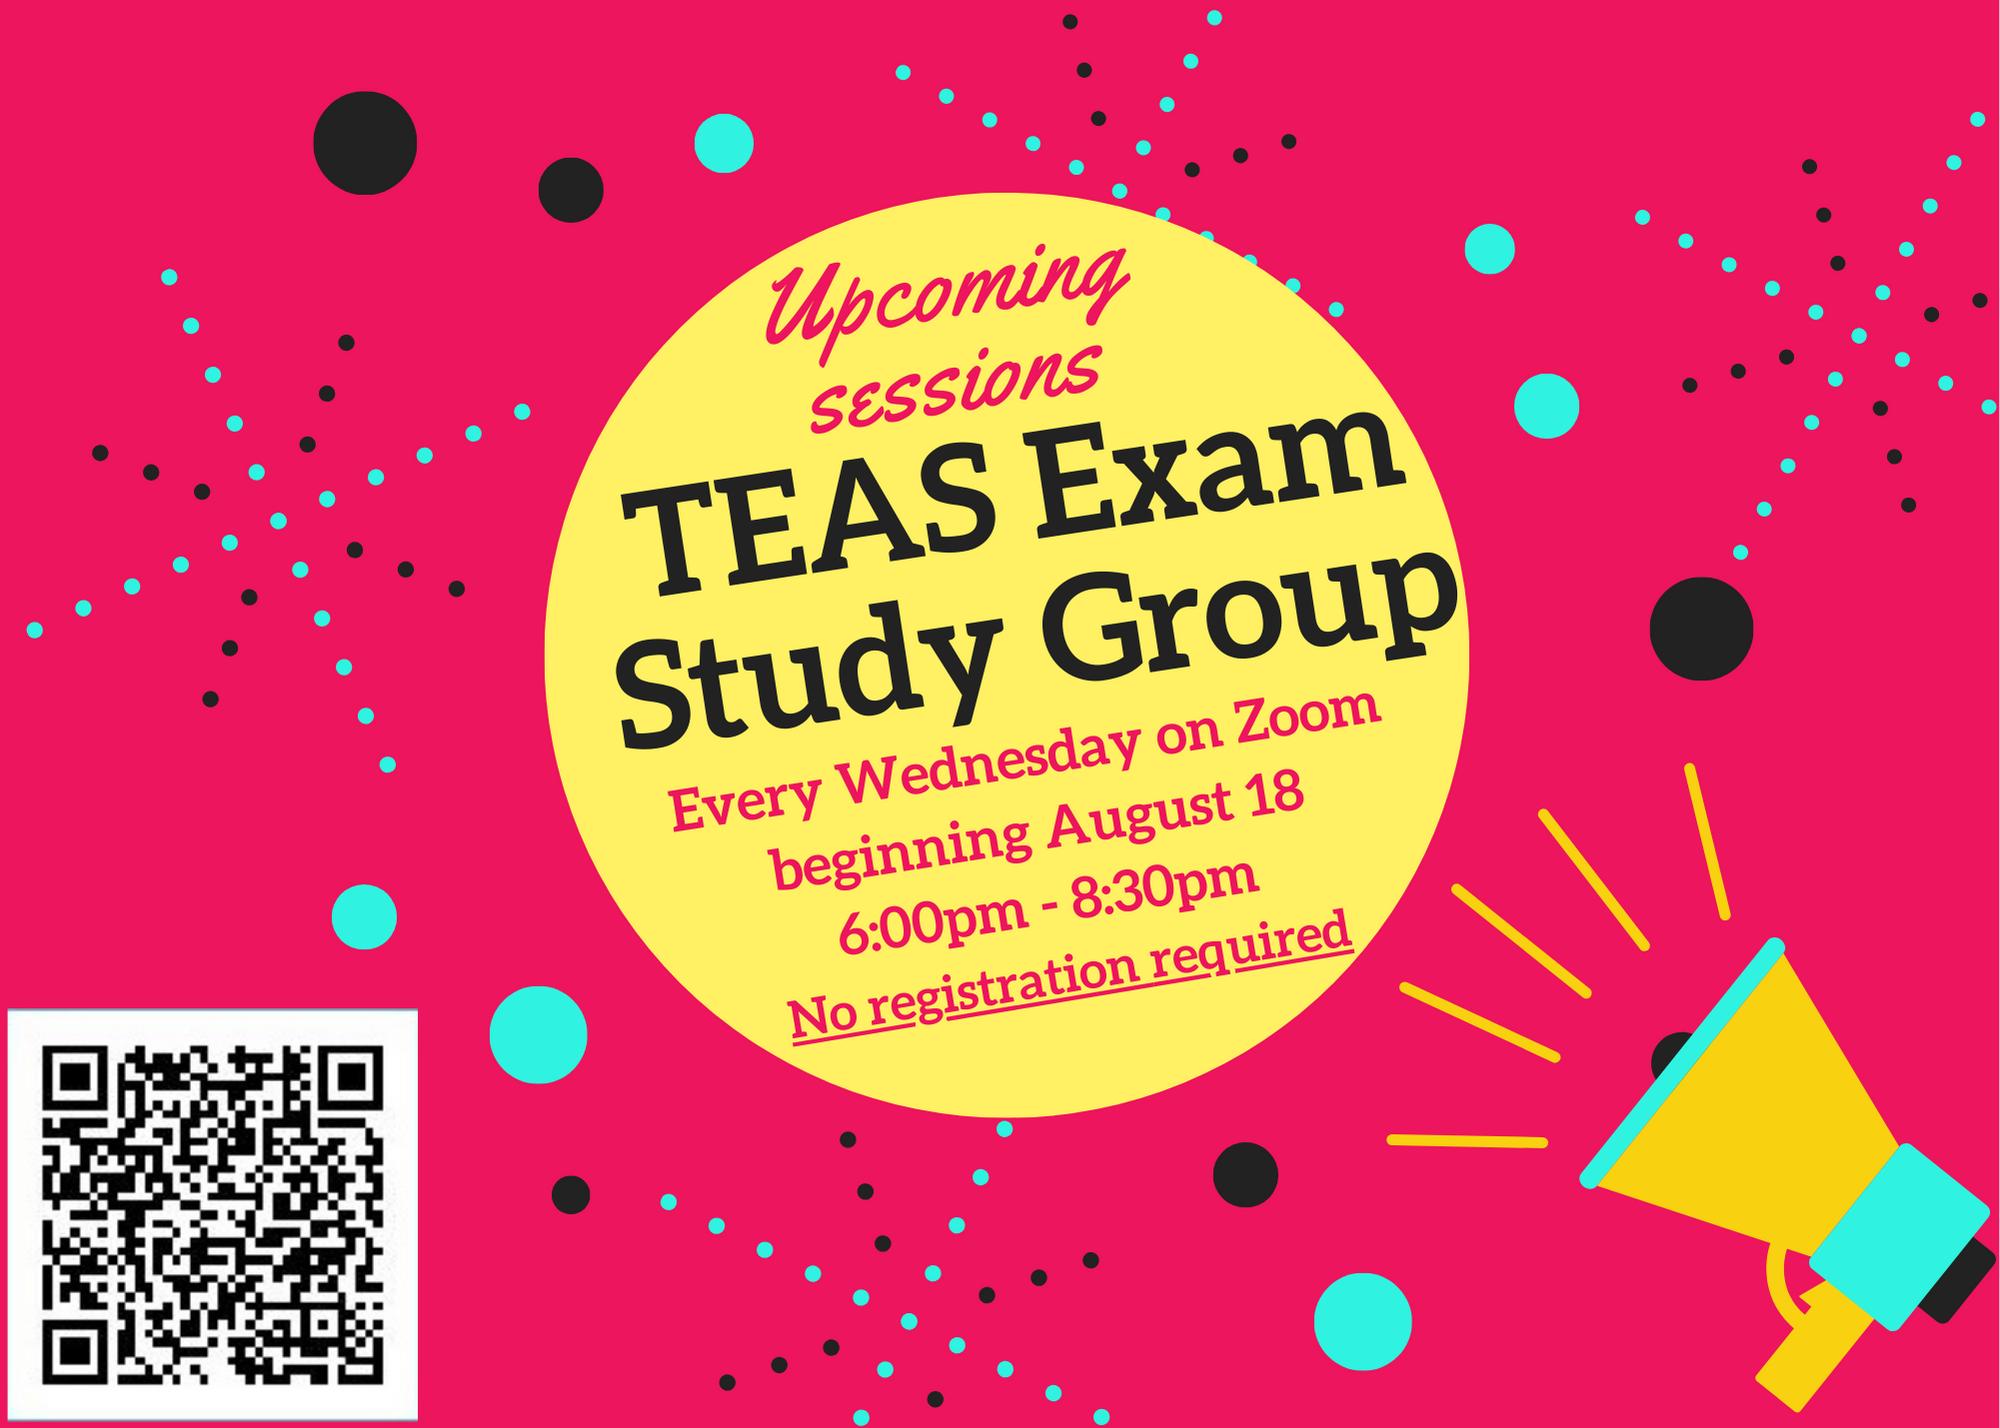 TEAs study group